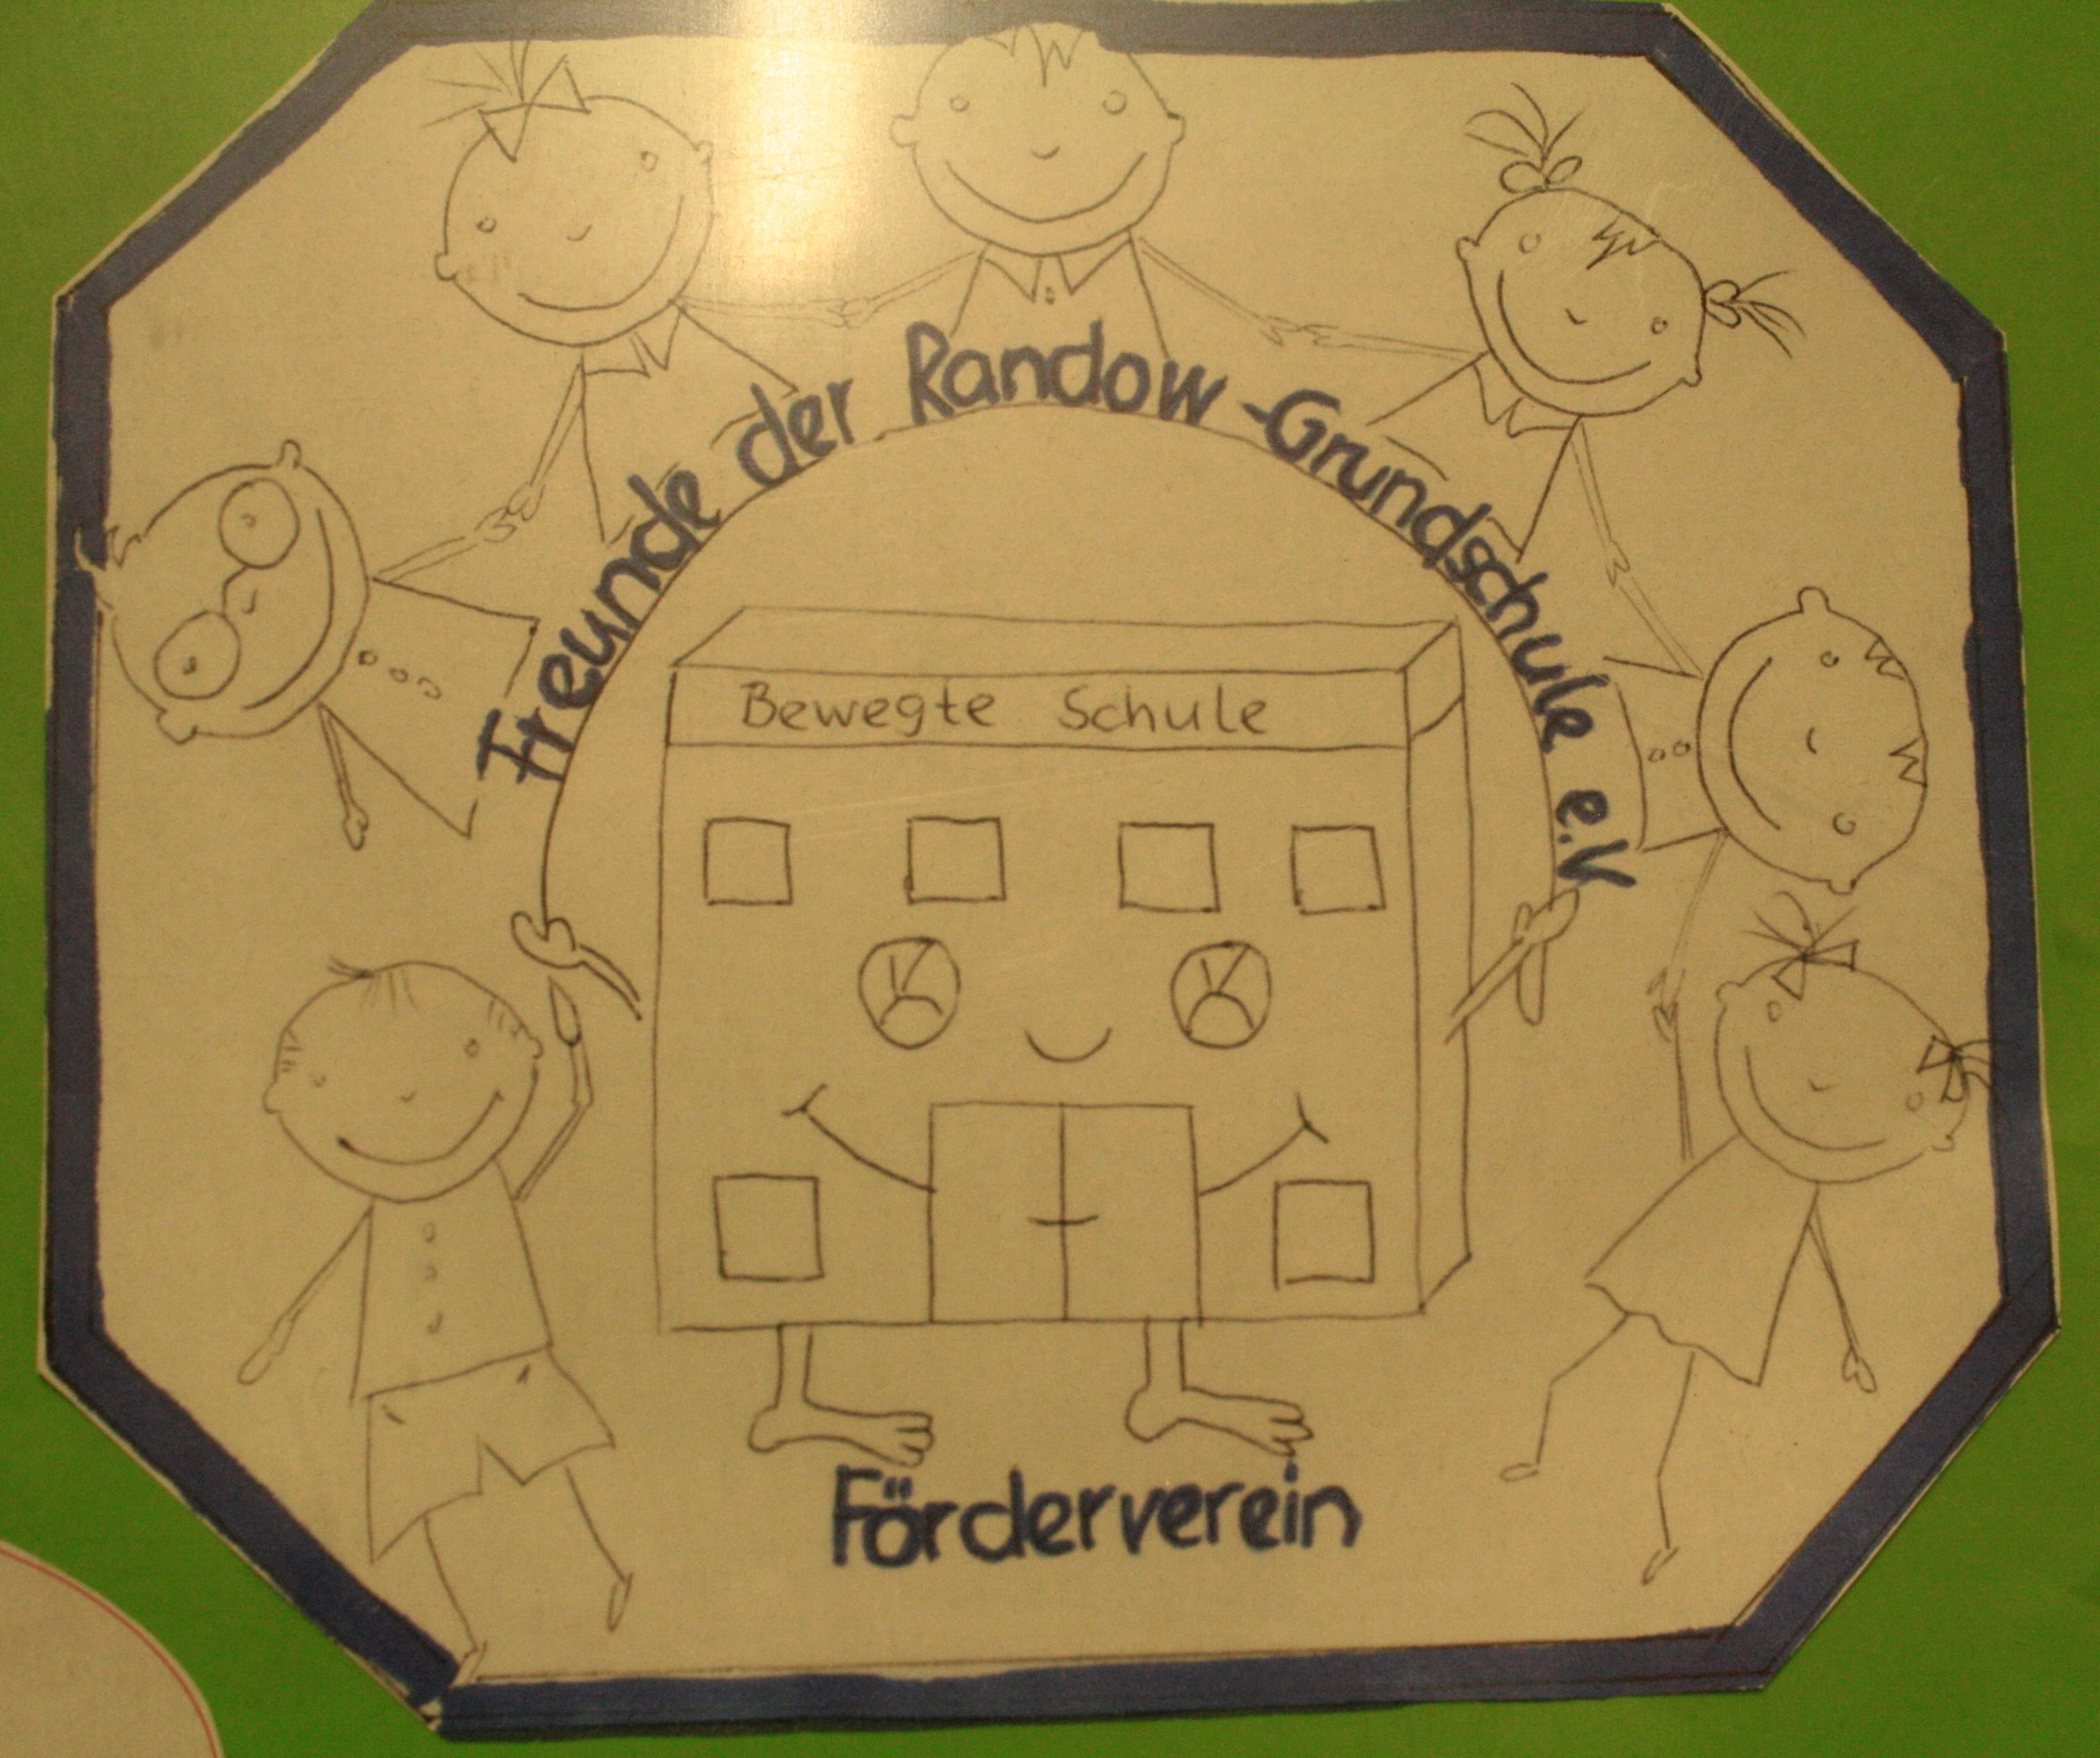 Freundschaft grundschule ist was Geschichte über